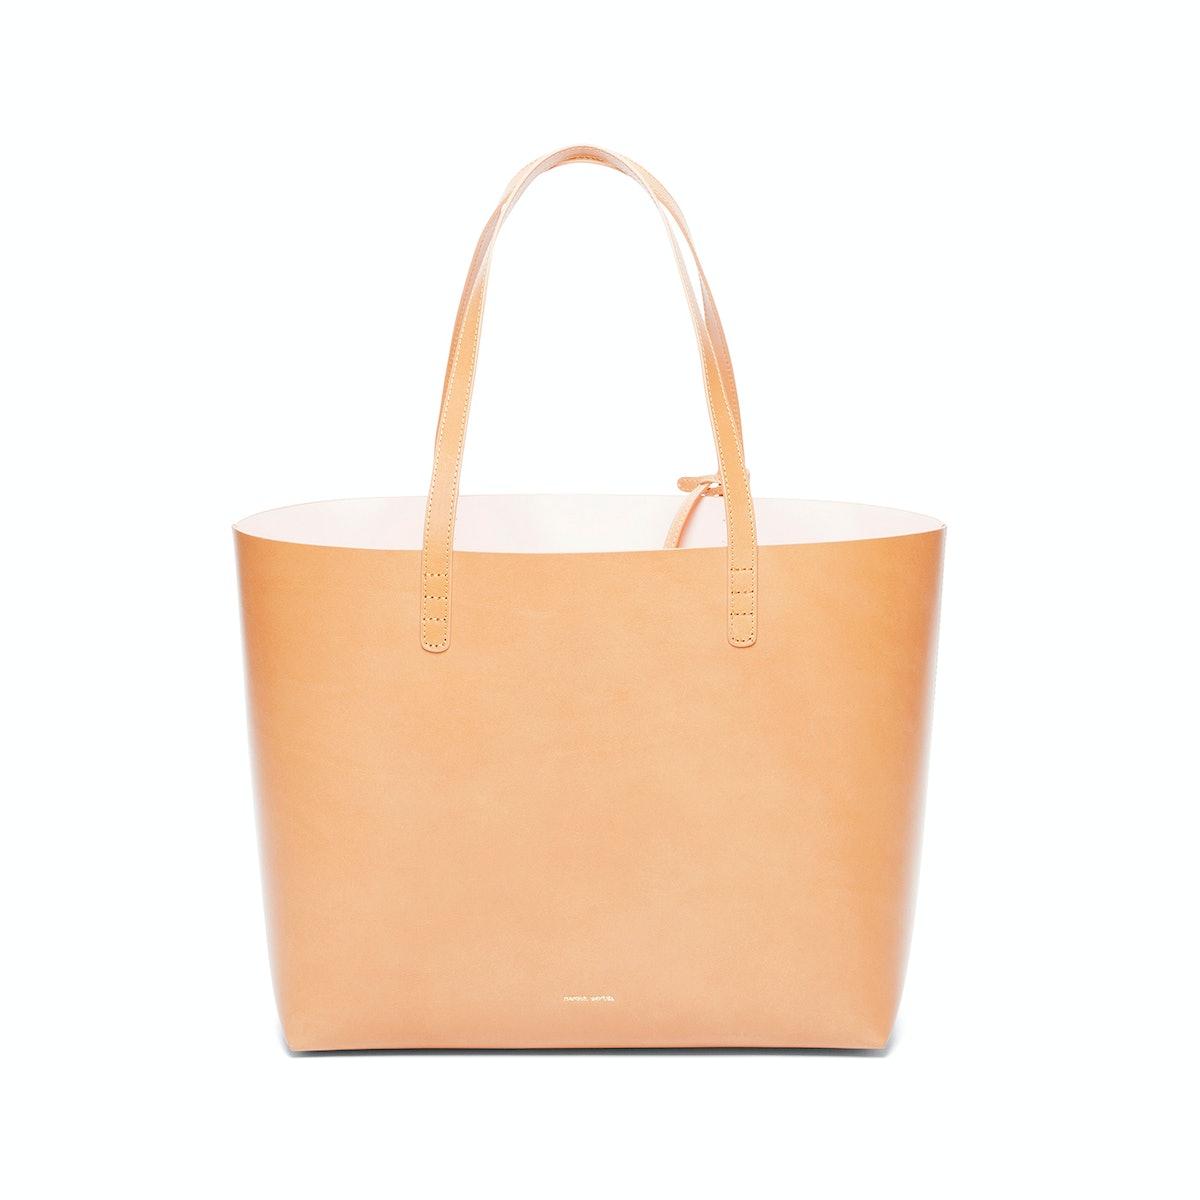 MANSUR GAVRIEL bag